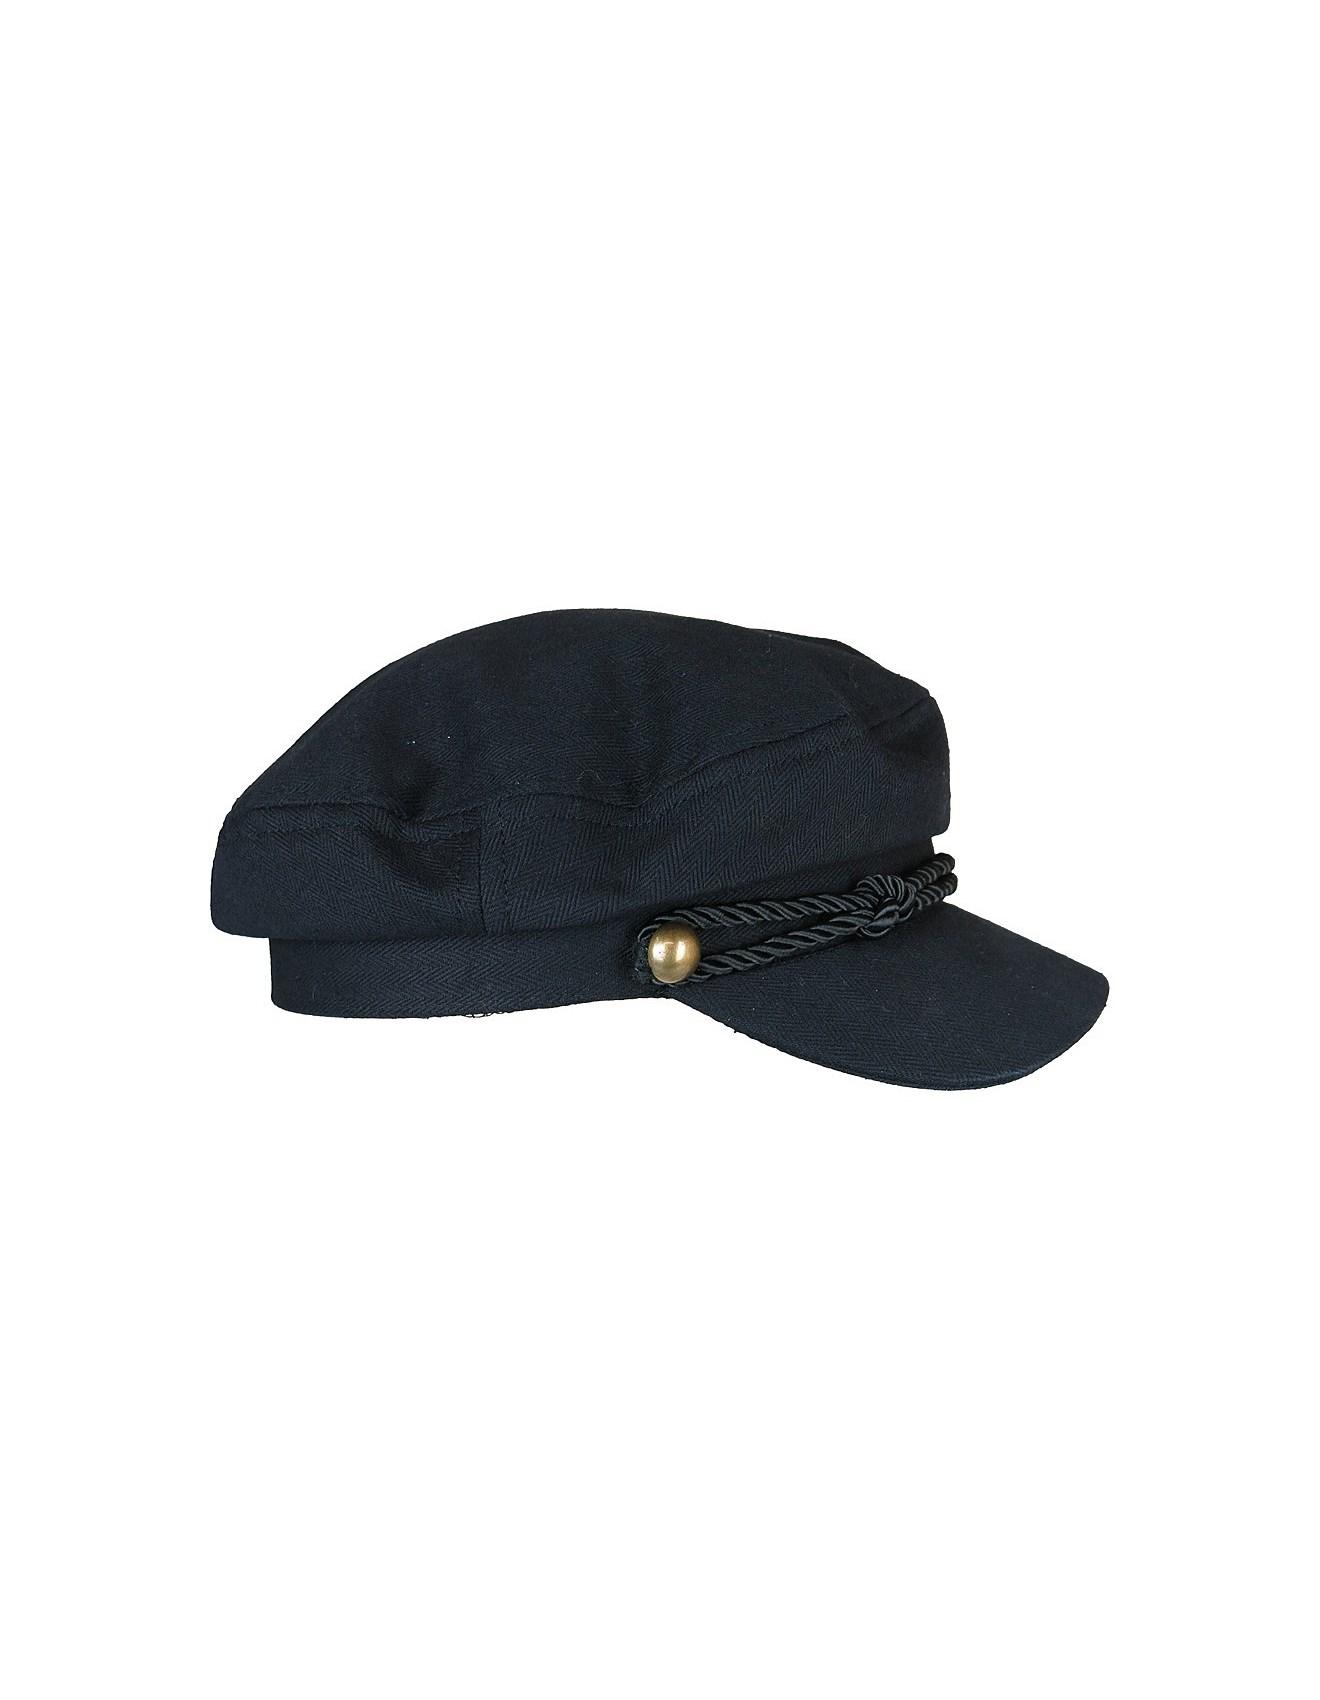 Women s Hats 1db0e2bd5c1